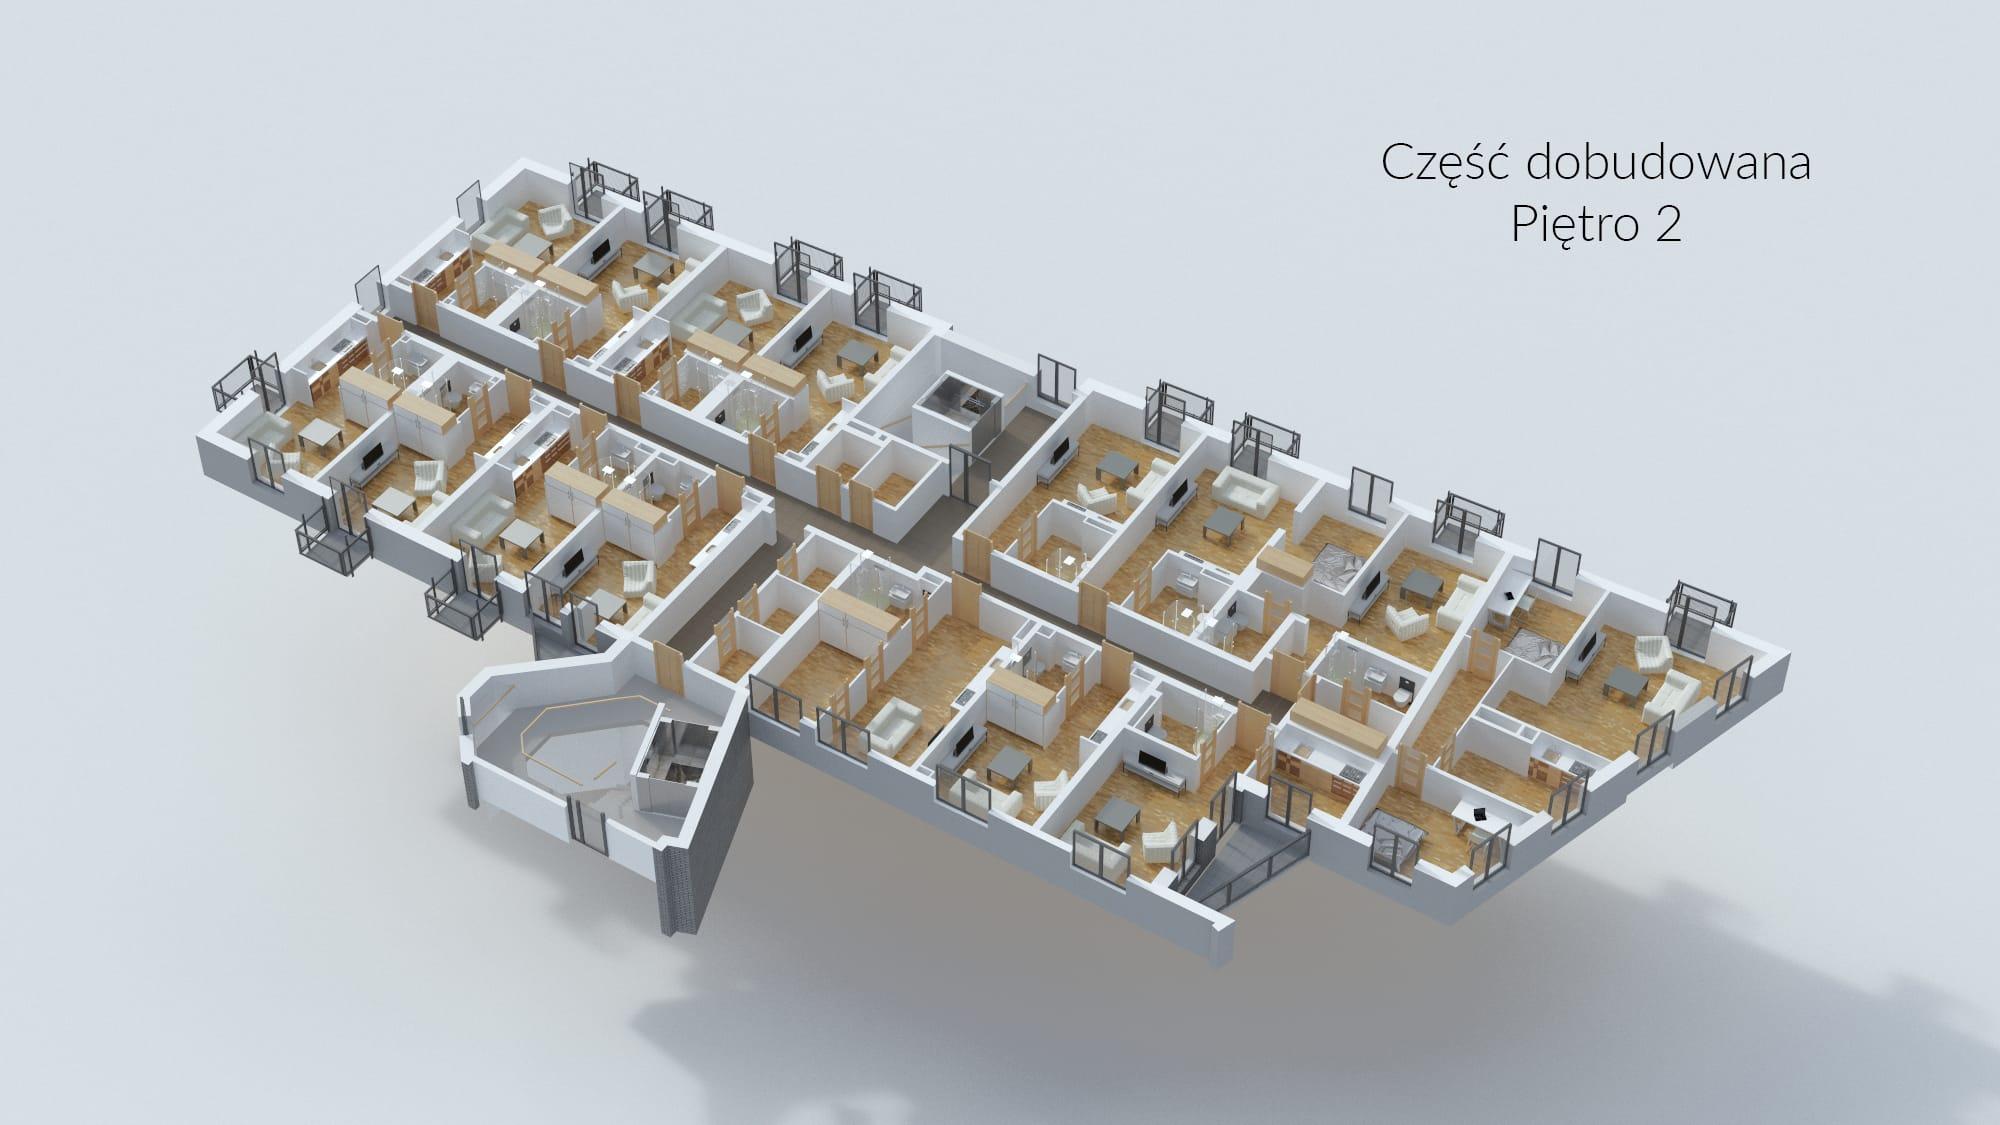 Cześć dobudowana - Piętro 2